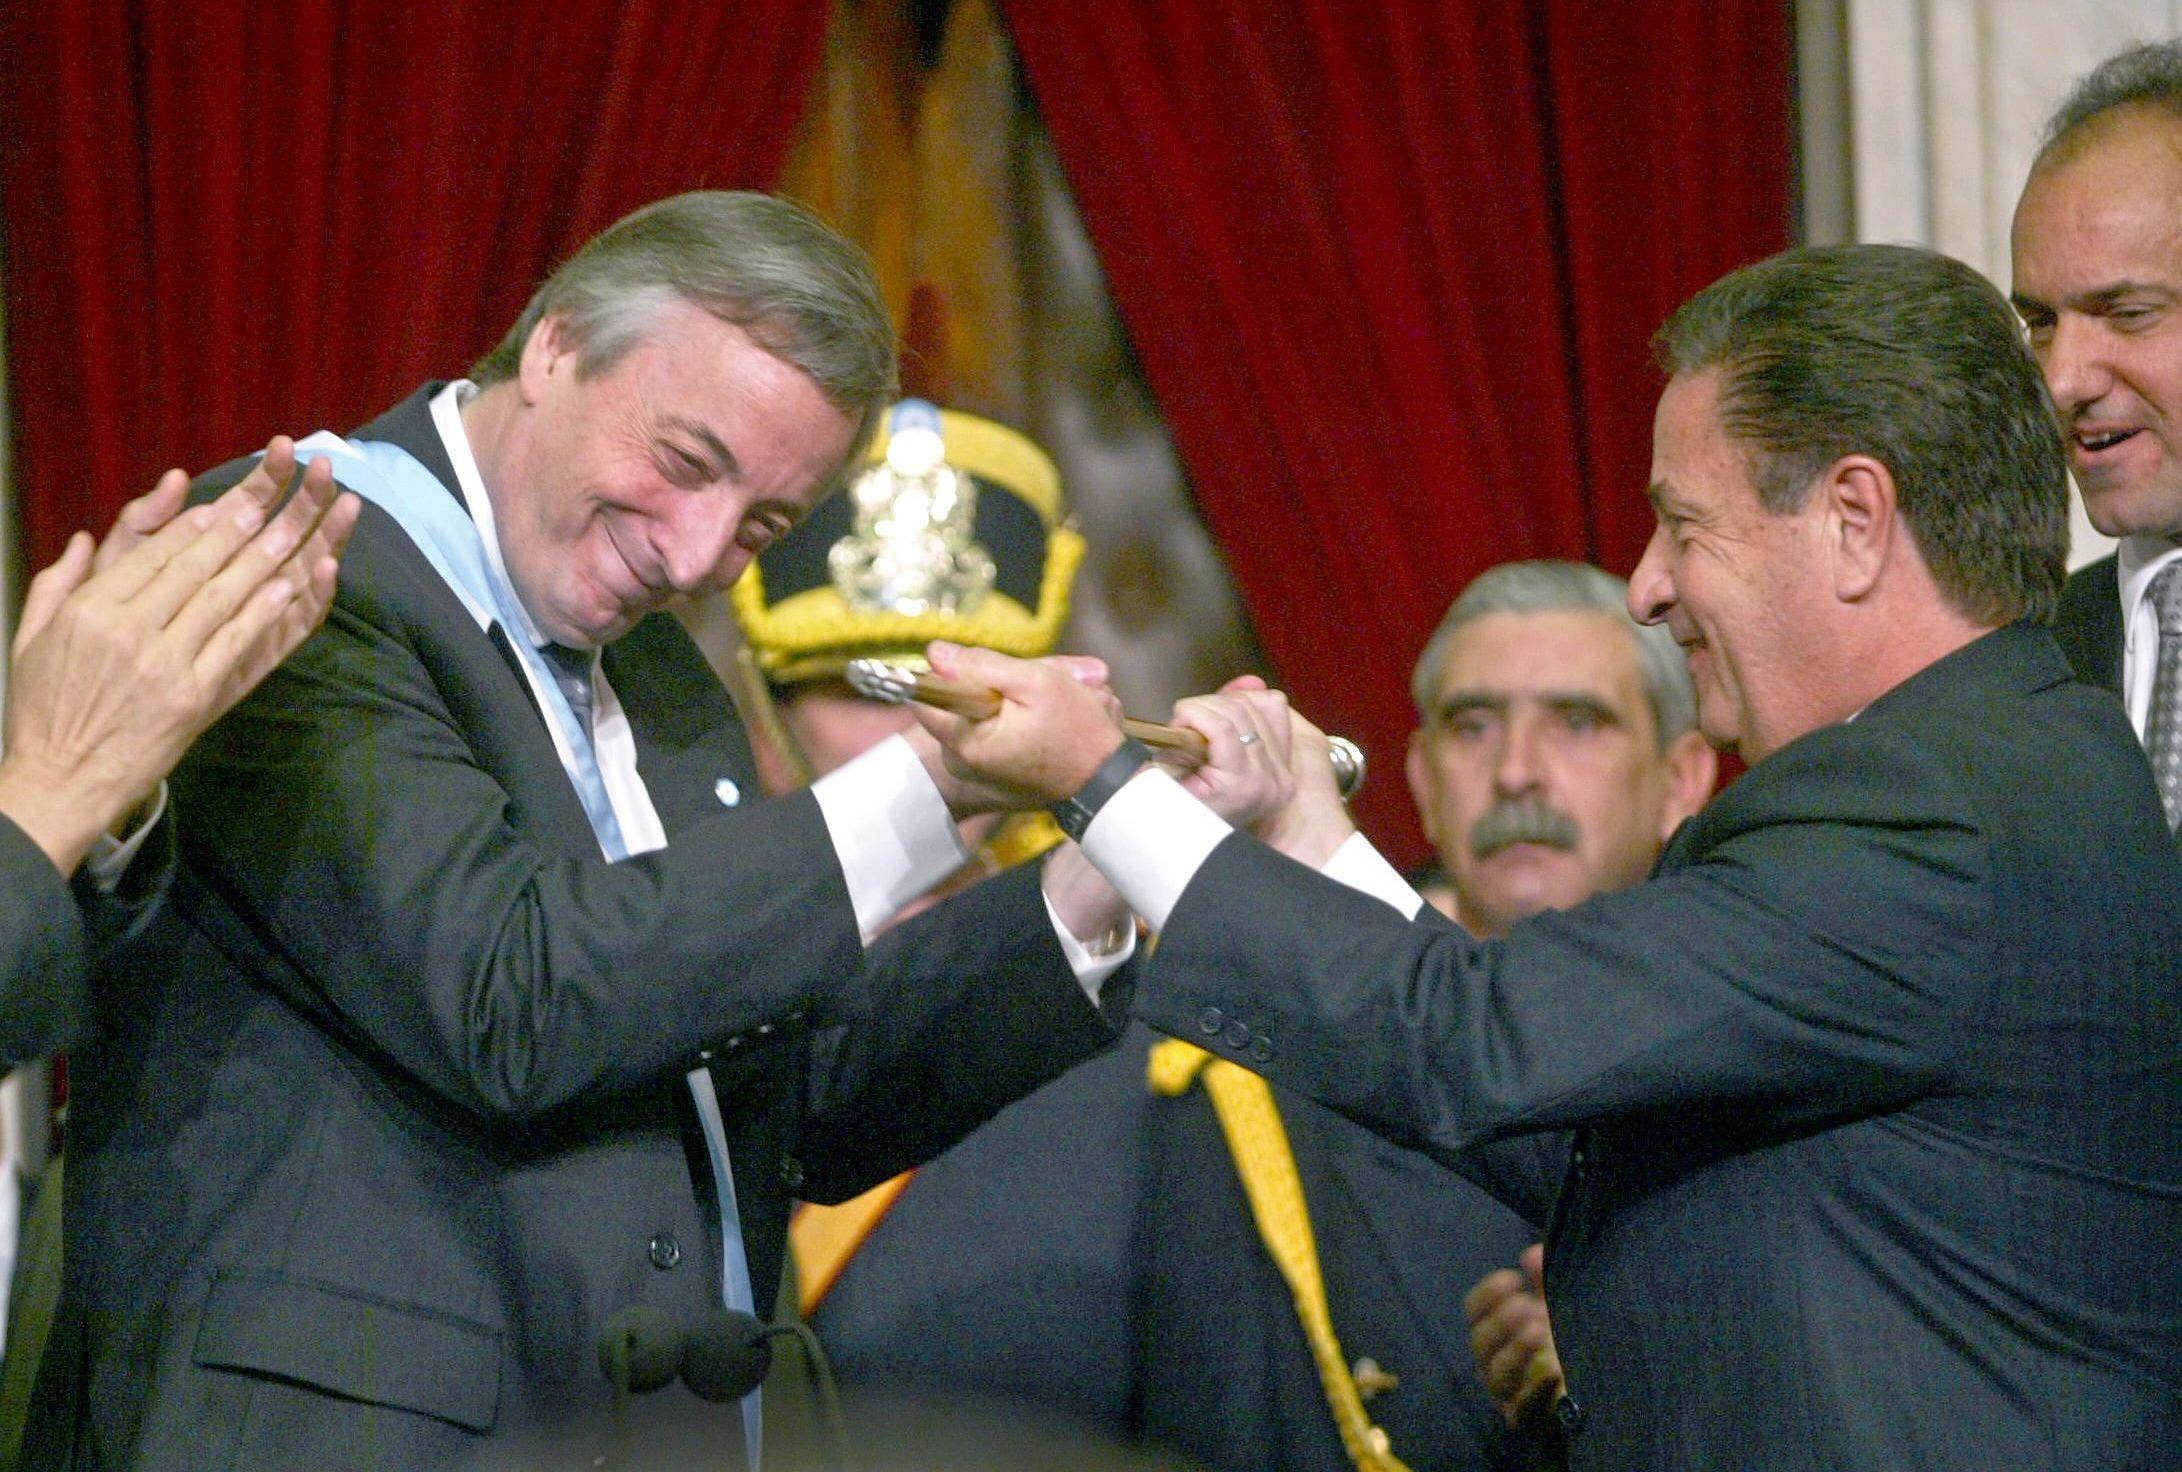 El presidente entrante Néstor Kirchner recibe el bastón presidencial del saliente Eduardo Duhalde, el 25 de mayo de 2003